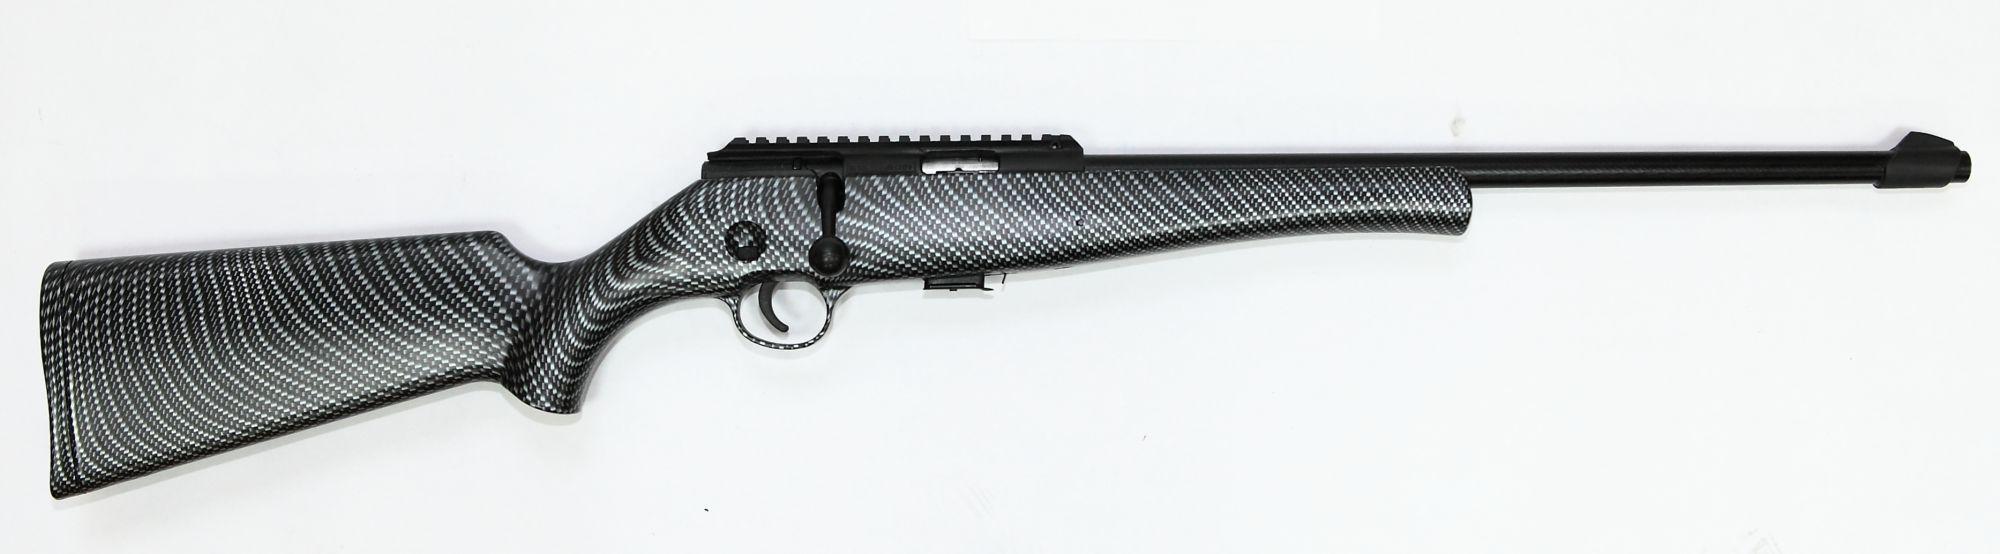 Малокалиберный карабин для развлекательной стрельбы «СМ-2-КО». Фото: Пресс-служба ОАО «Ижмаш».